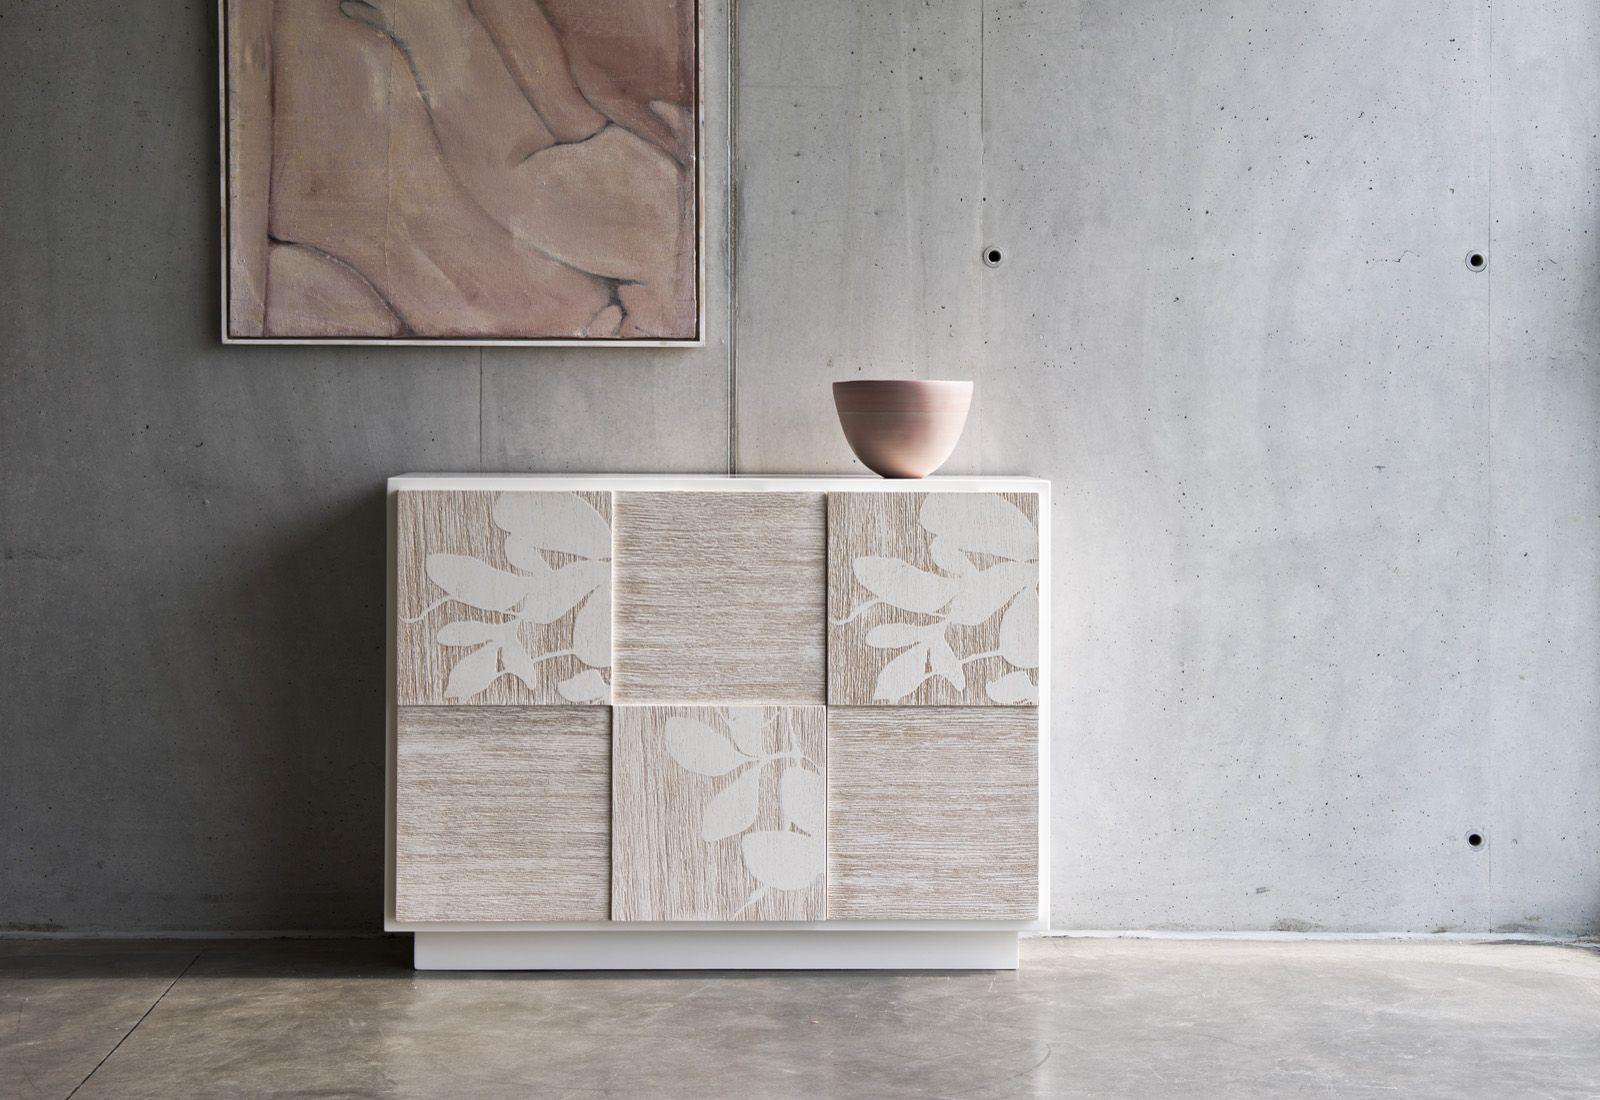 Marchetti mobilificio d 39 arte s p a sideboard with base - Marchetti mobilificio d arte ...